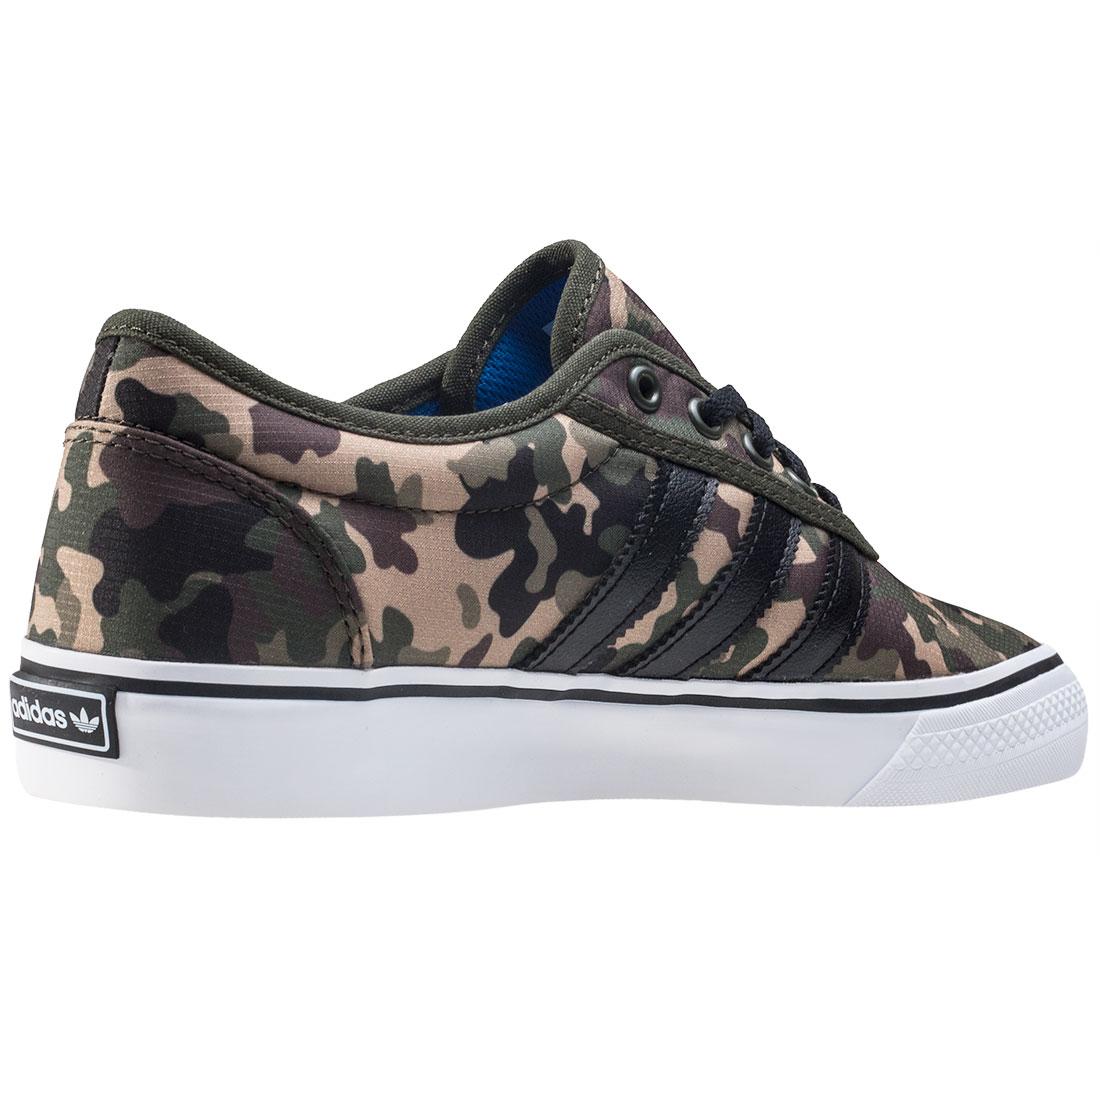 adidas Adi Ease chaussures Camo dans le shop Homme Populaire